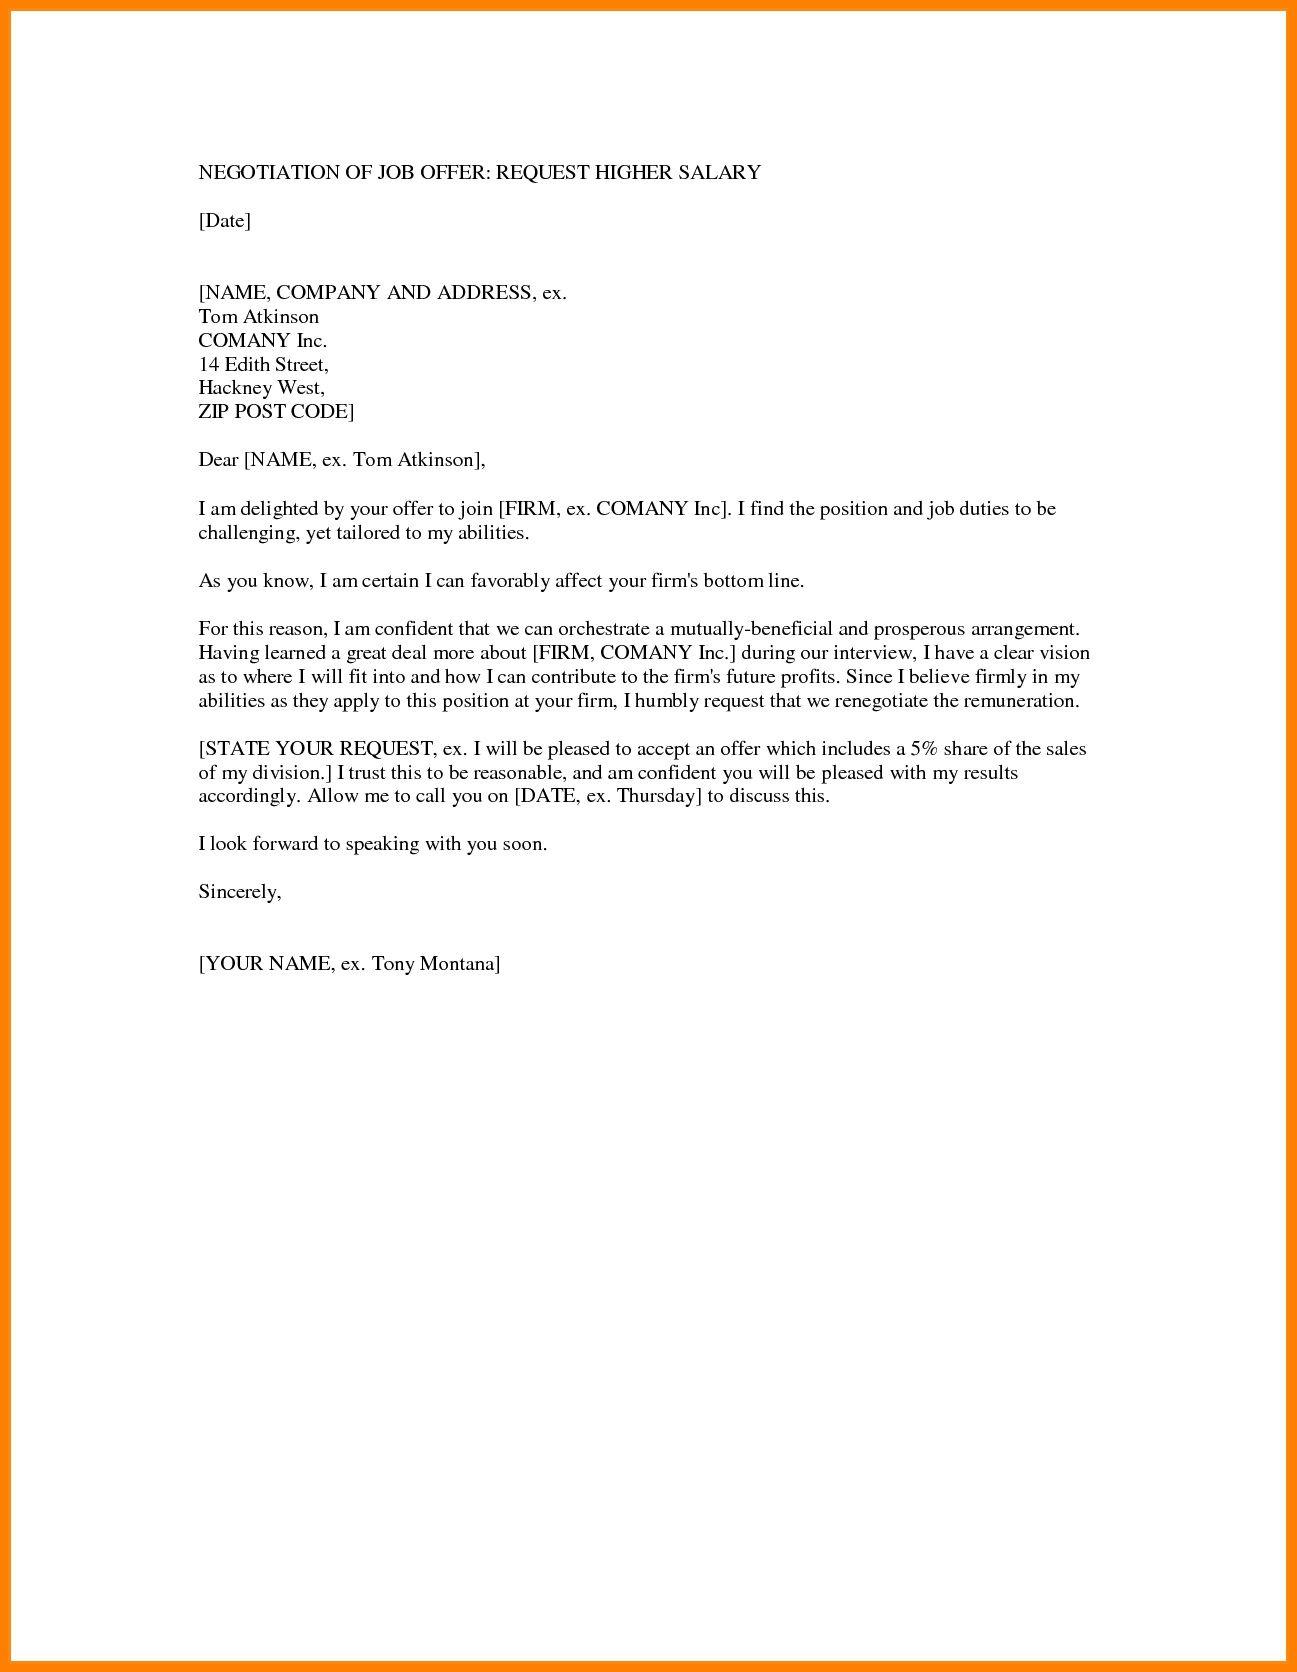 004 Dreaded Counter Offer Letter Template High Definition  Real Estate Settlement DebtFull